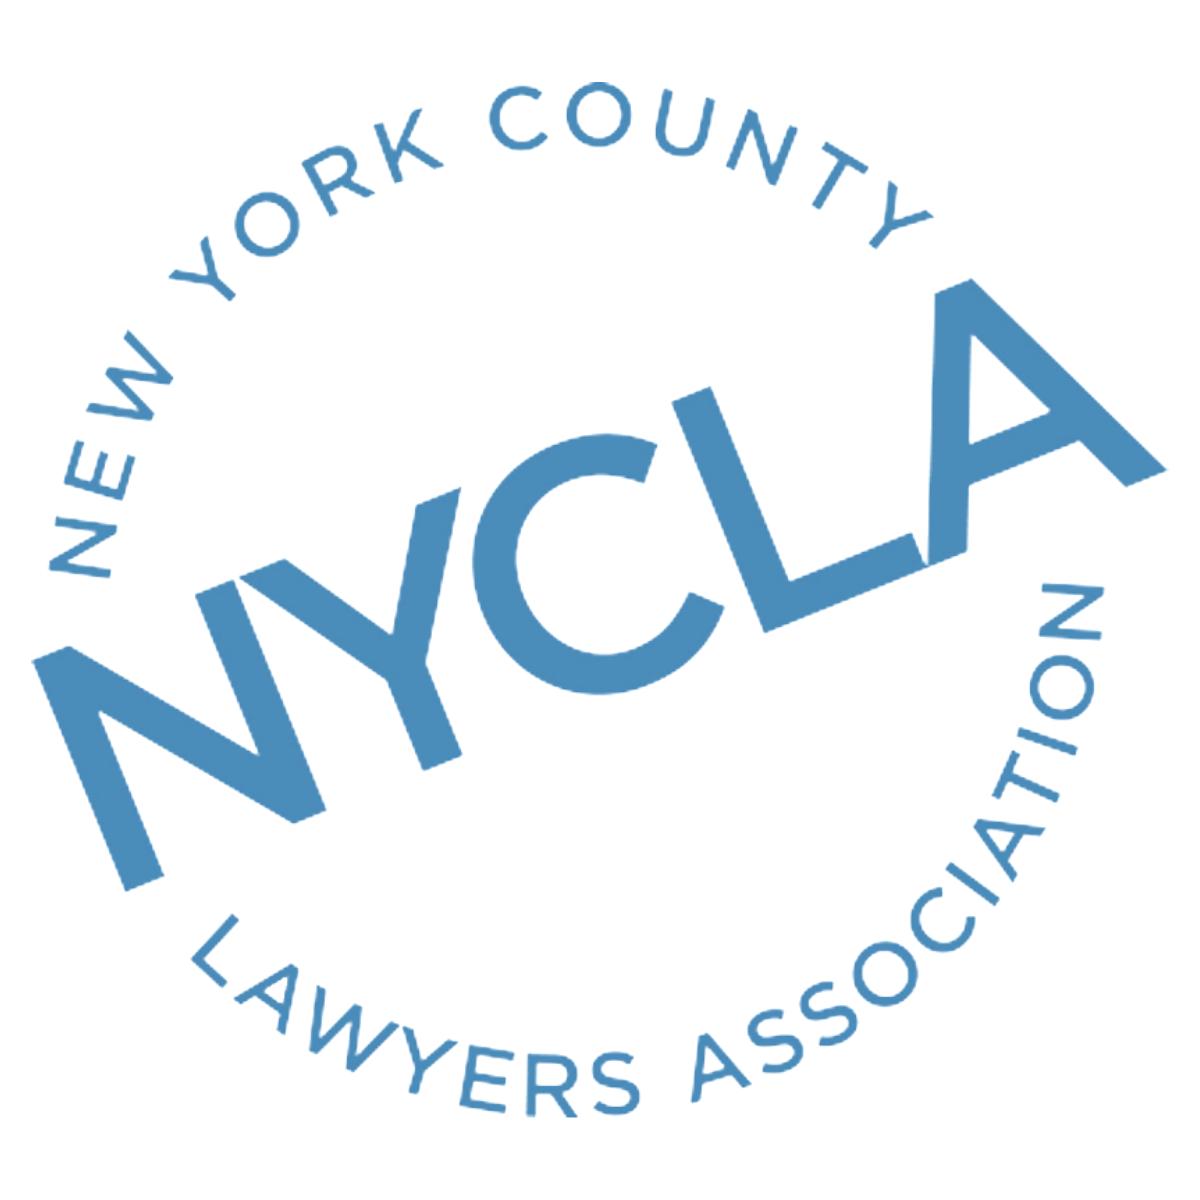 New York County Lawyers Association (NYCLA) Logo